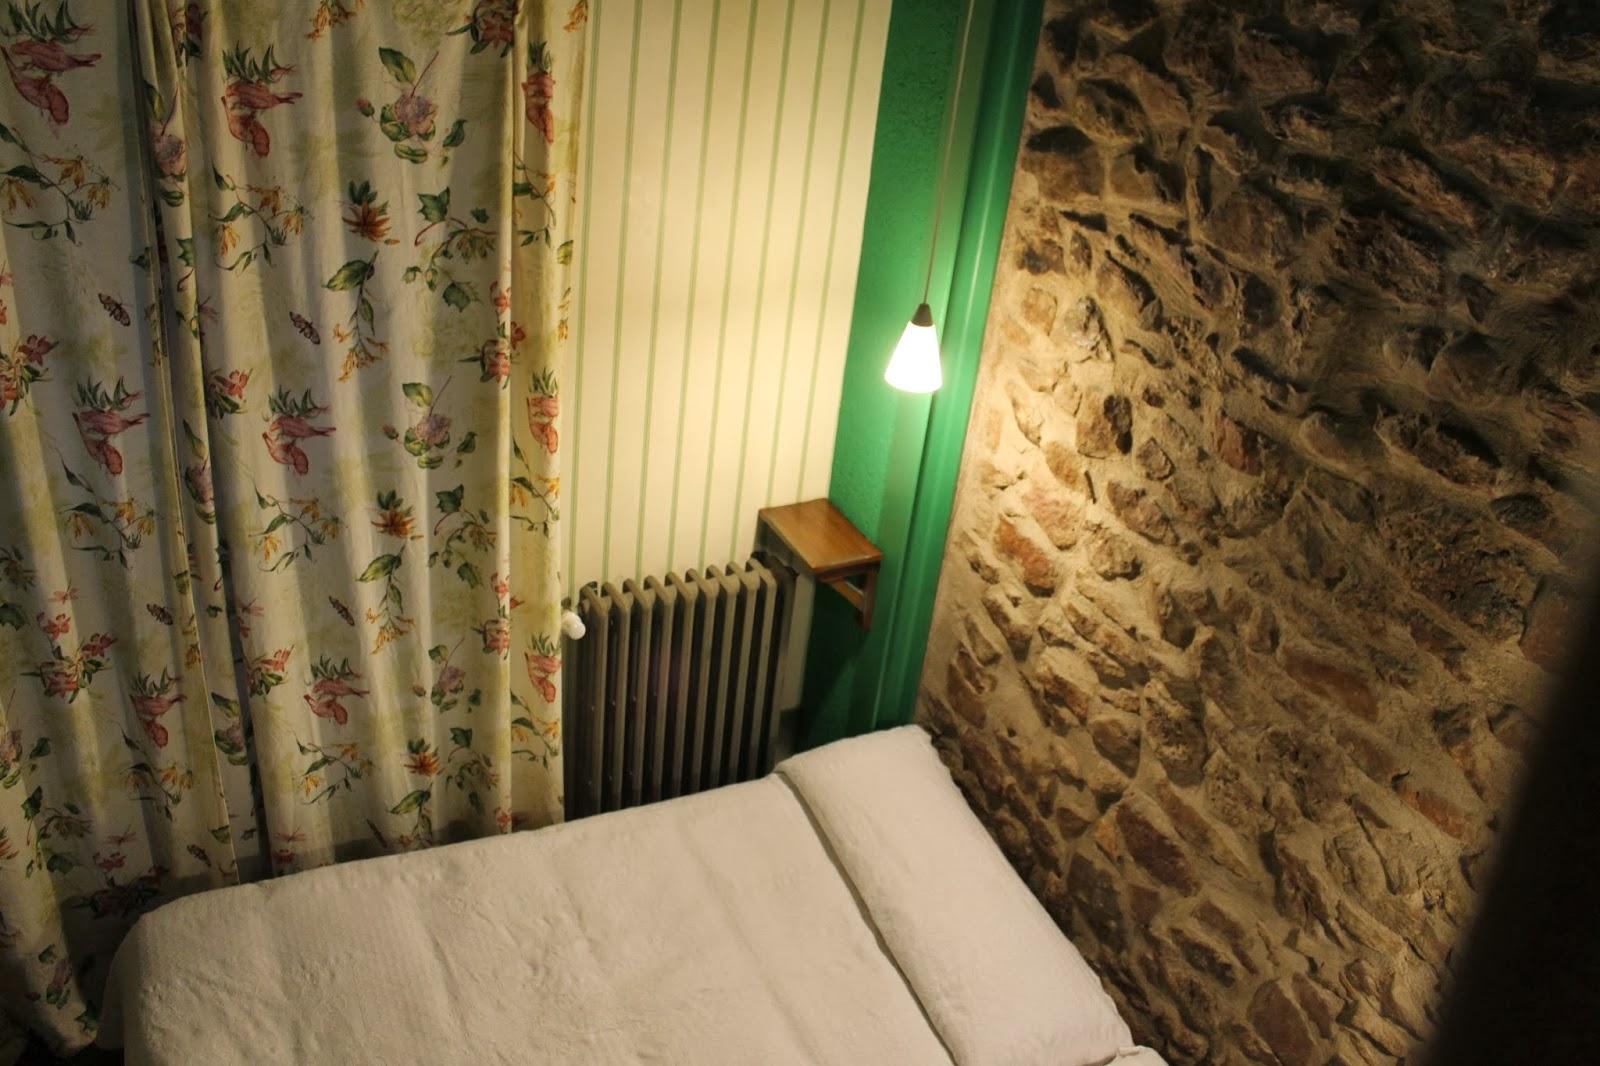 Dormitorio Casa Tia Quica, decoracion en verde.